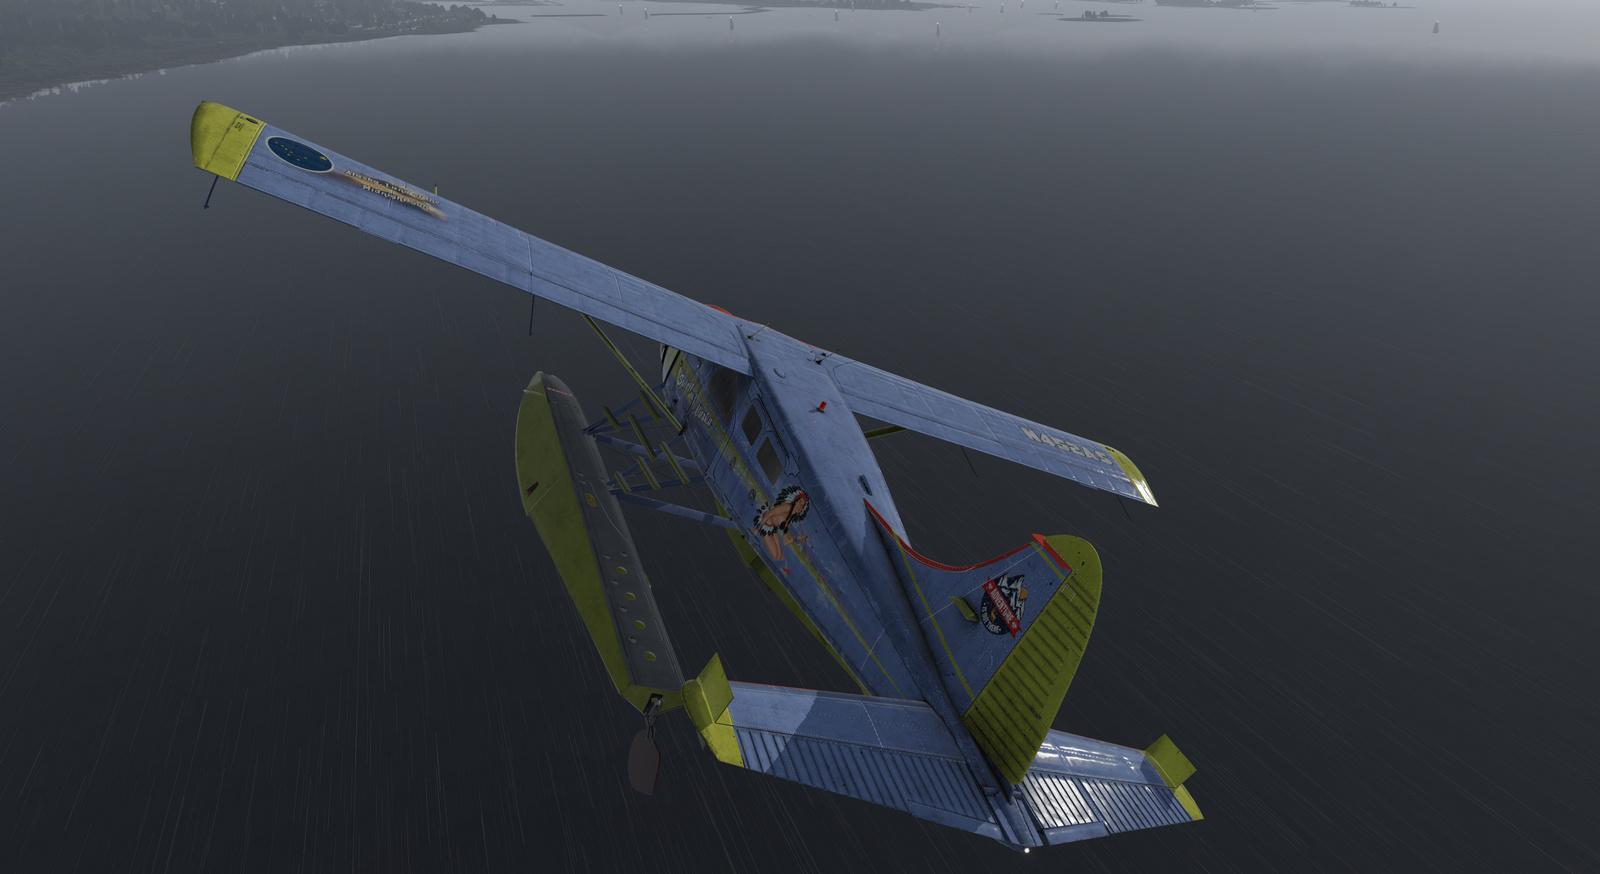 Spirit of Alaska repaint for Thranda DHC-2 Beaver for X-Plane 11, amphibian version, image 16/20